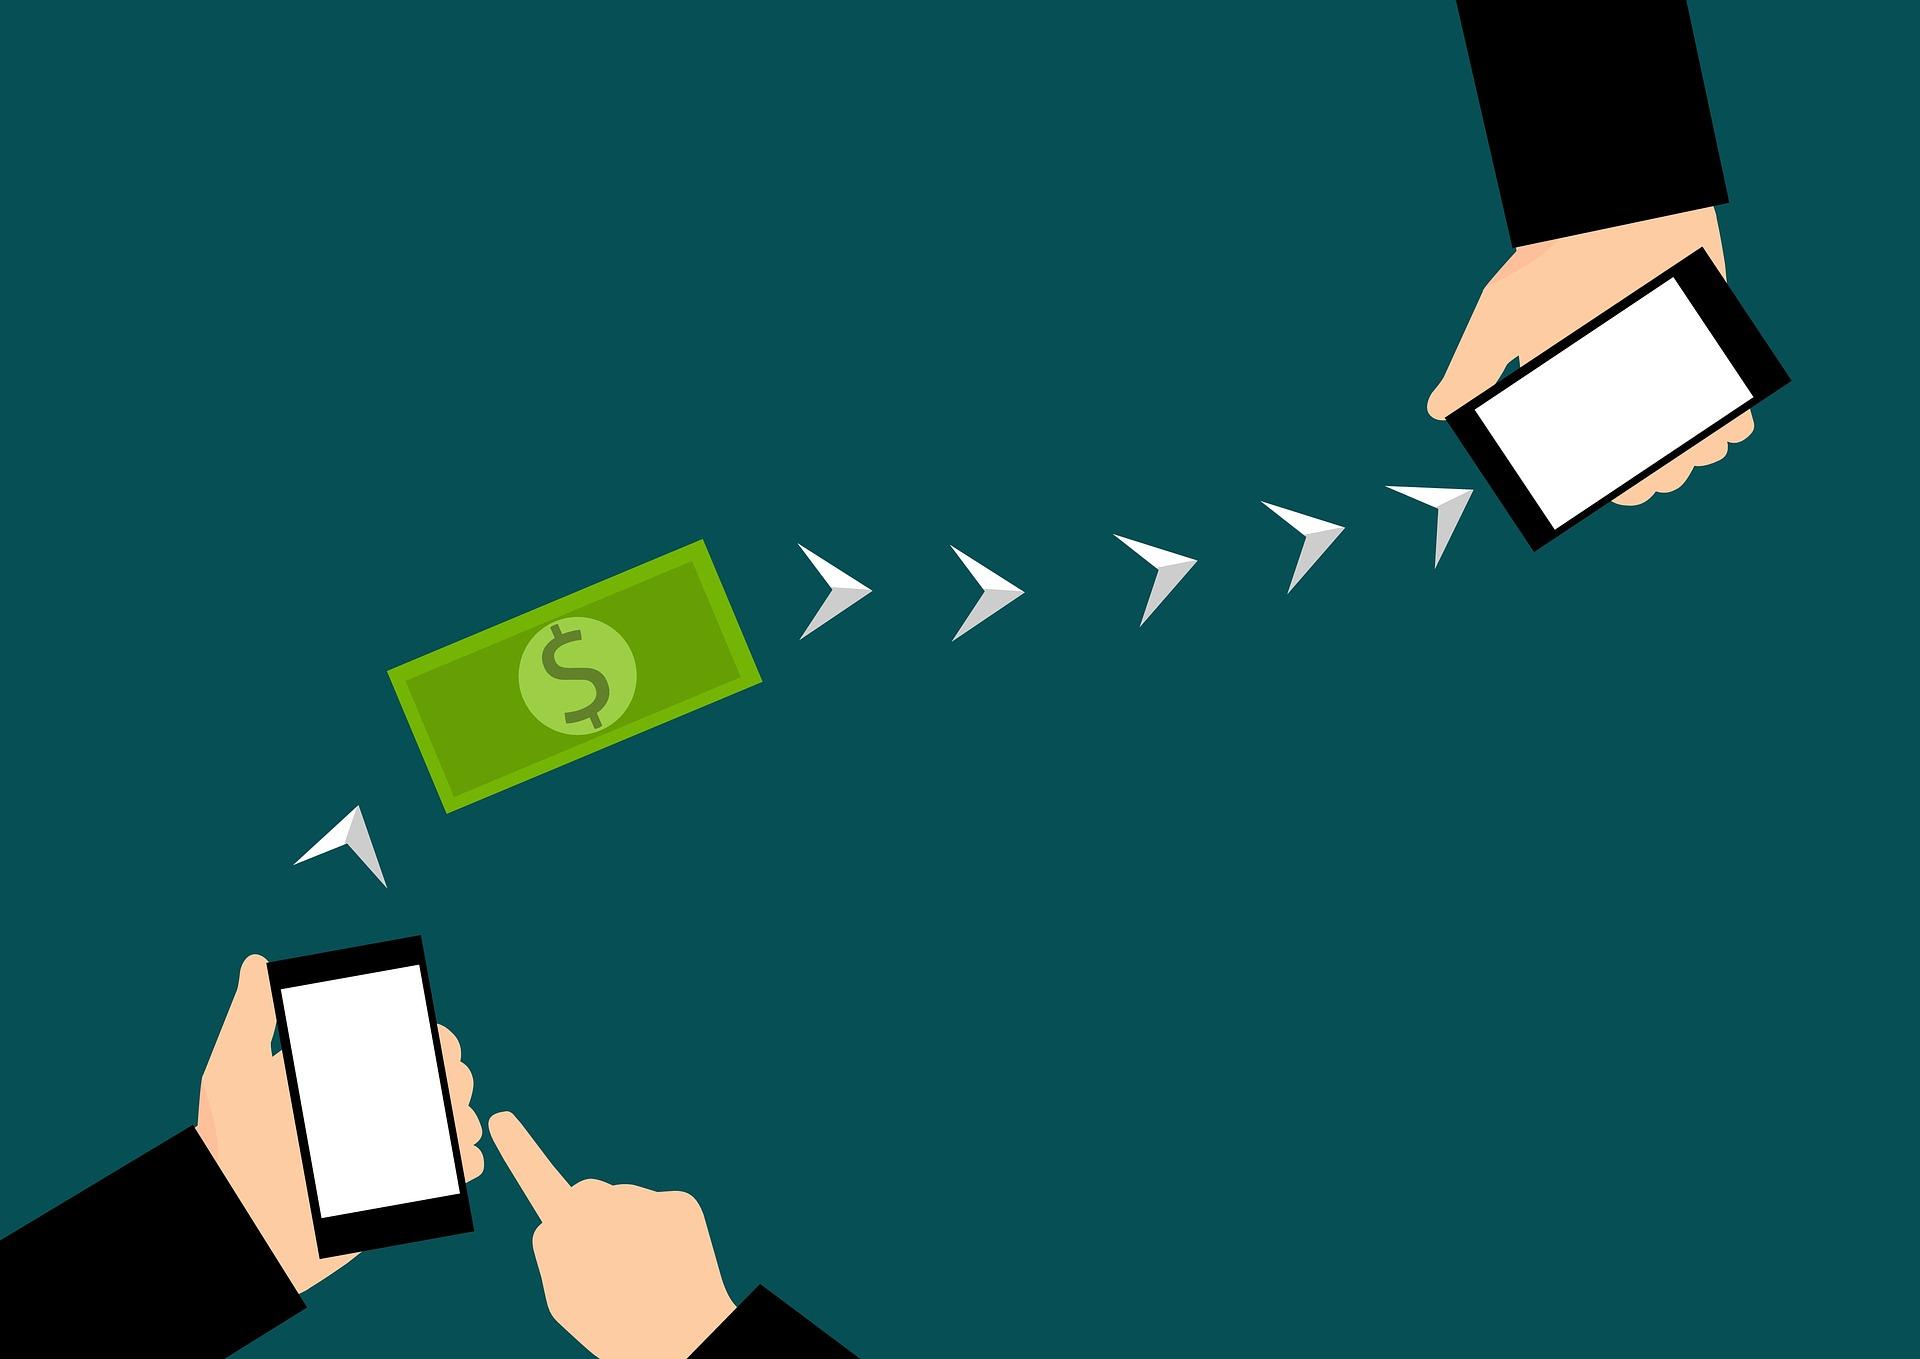 Utiliser Transferwise pour virer de l'argent